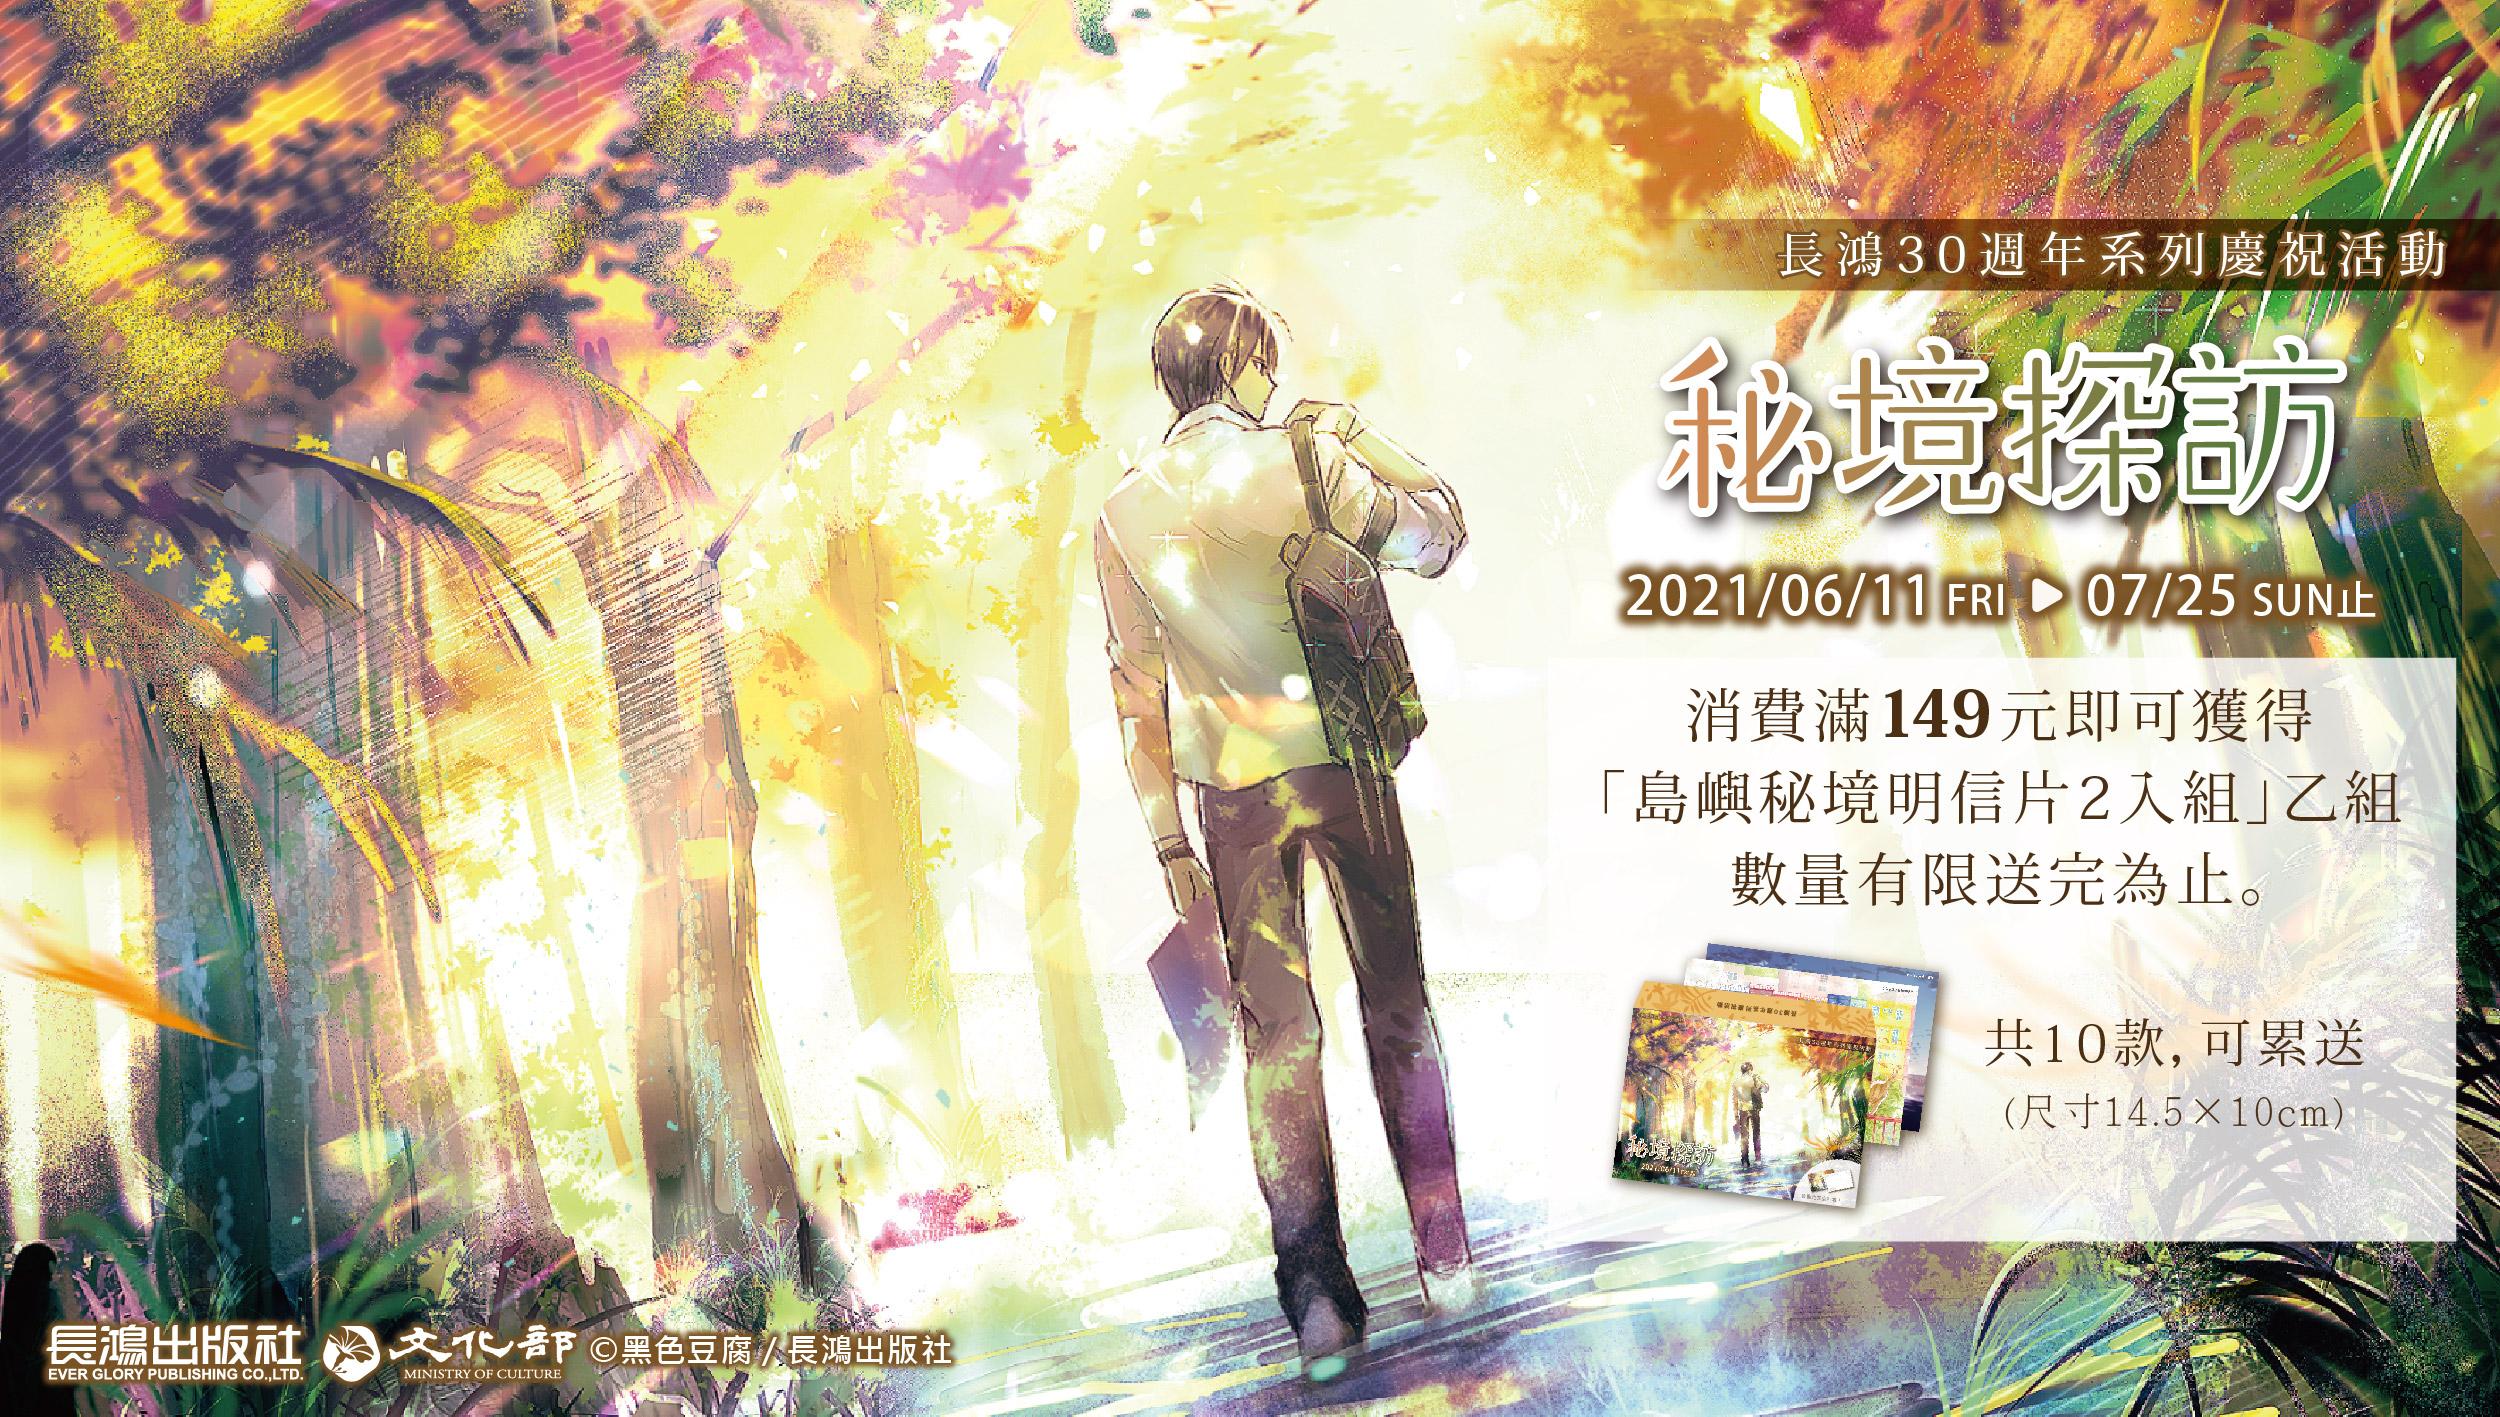 長鴻30週年系列慶祝活動第一彈「秘境探訪」熱烈進行中!